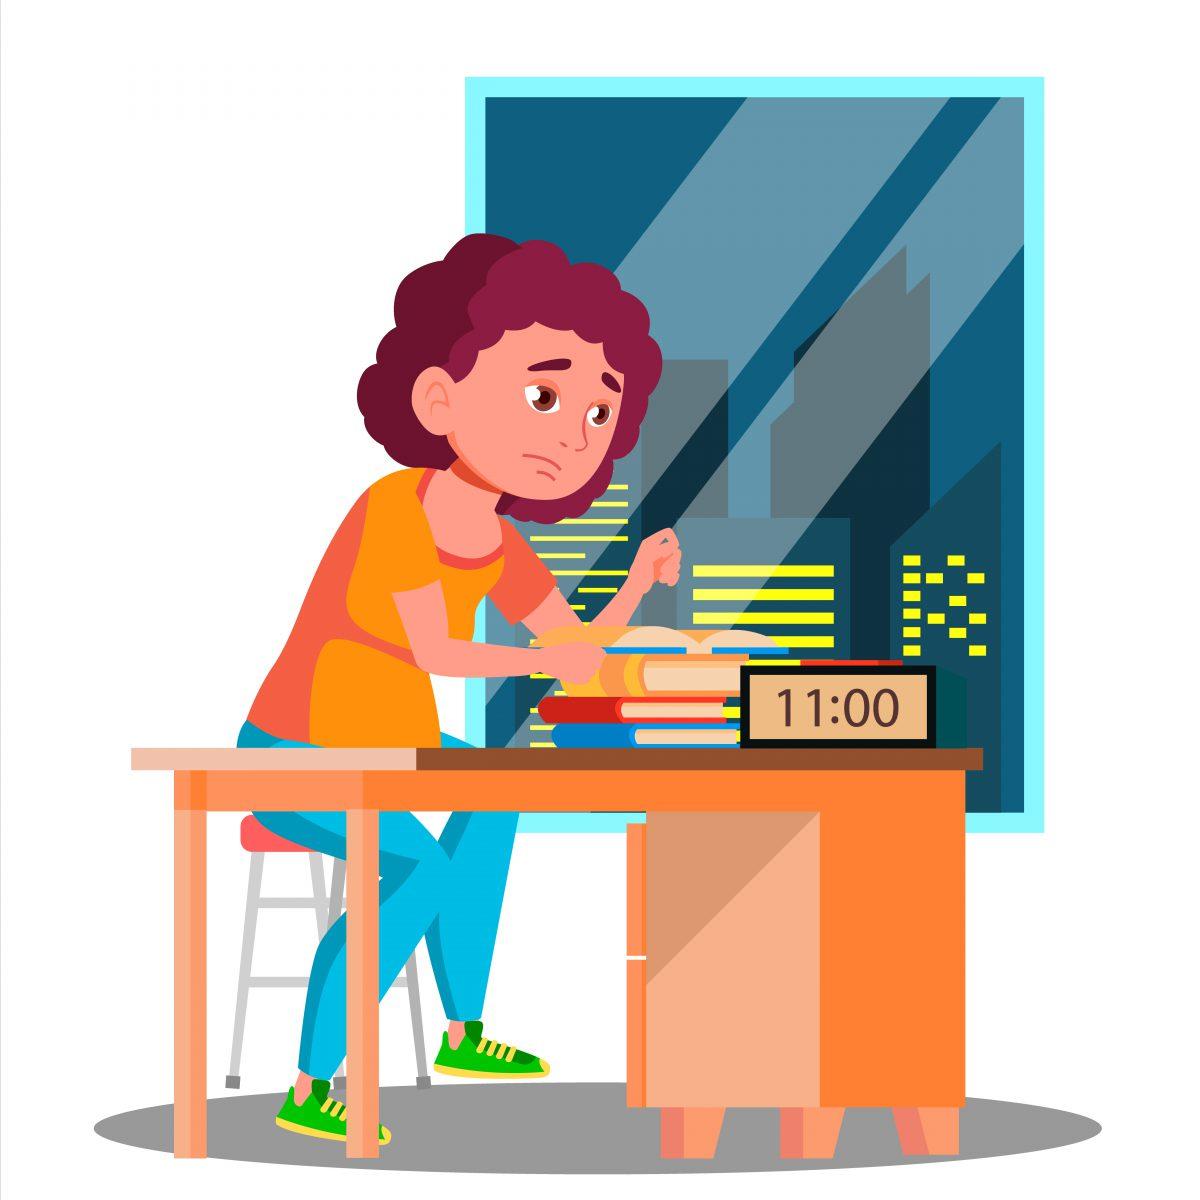 Garota sentada em sua mesa de estudos com vários livros sobre a mesa e cara triste e aparentando cansada. Há, também, um relógio indicando que são 11 horas da noite.